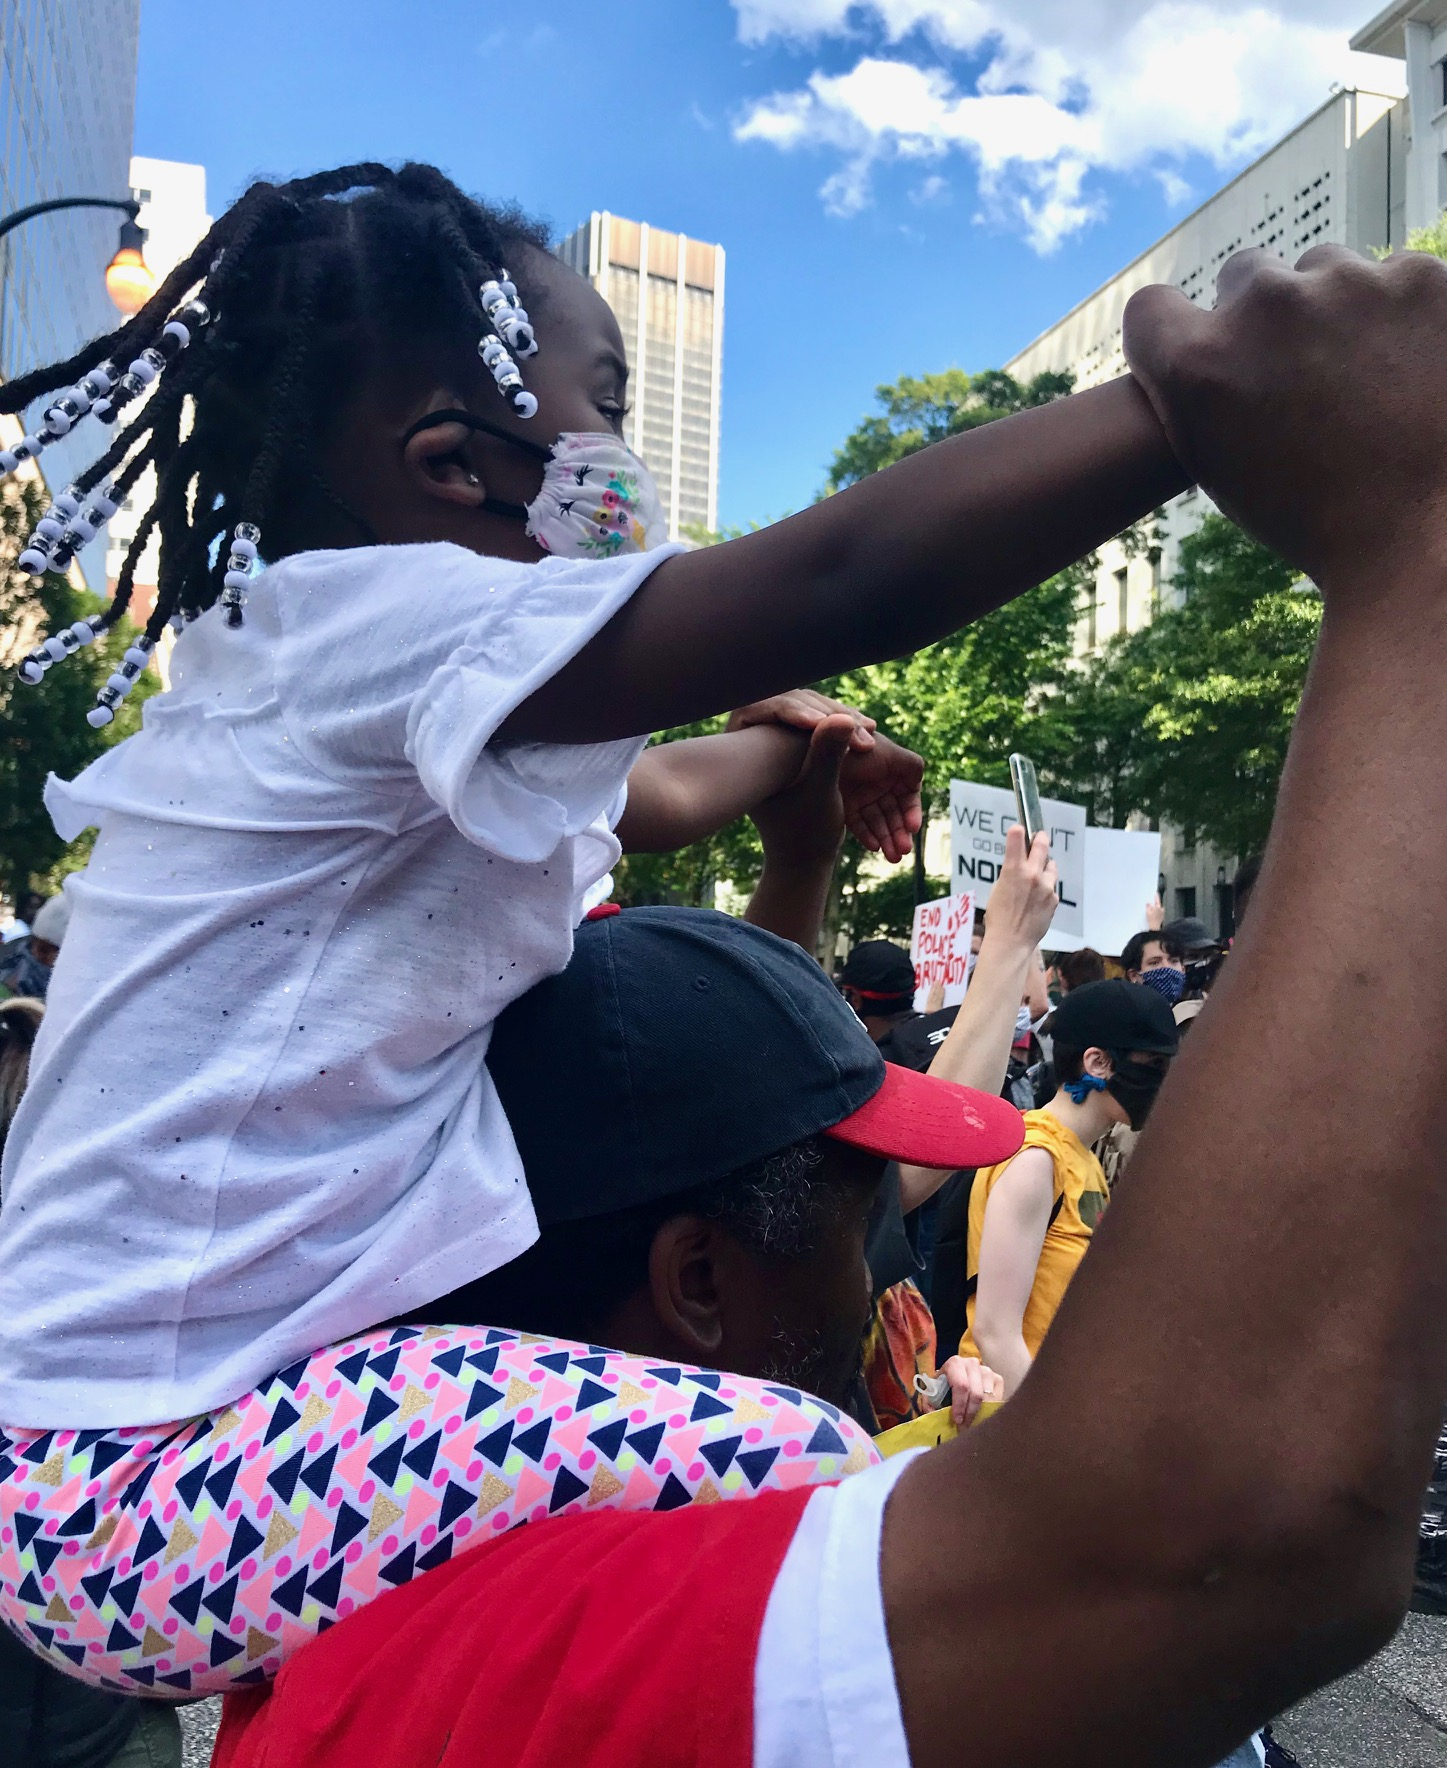 AtlantaProtests_30